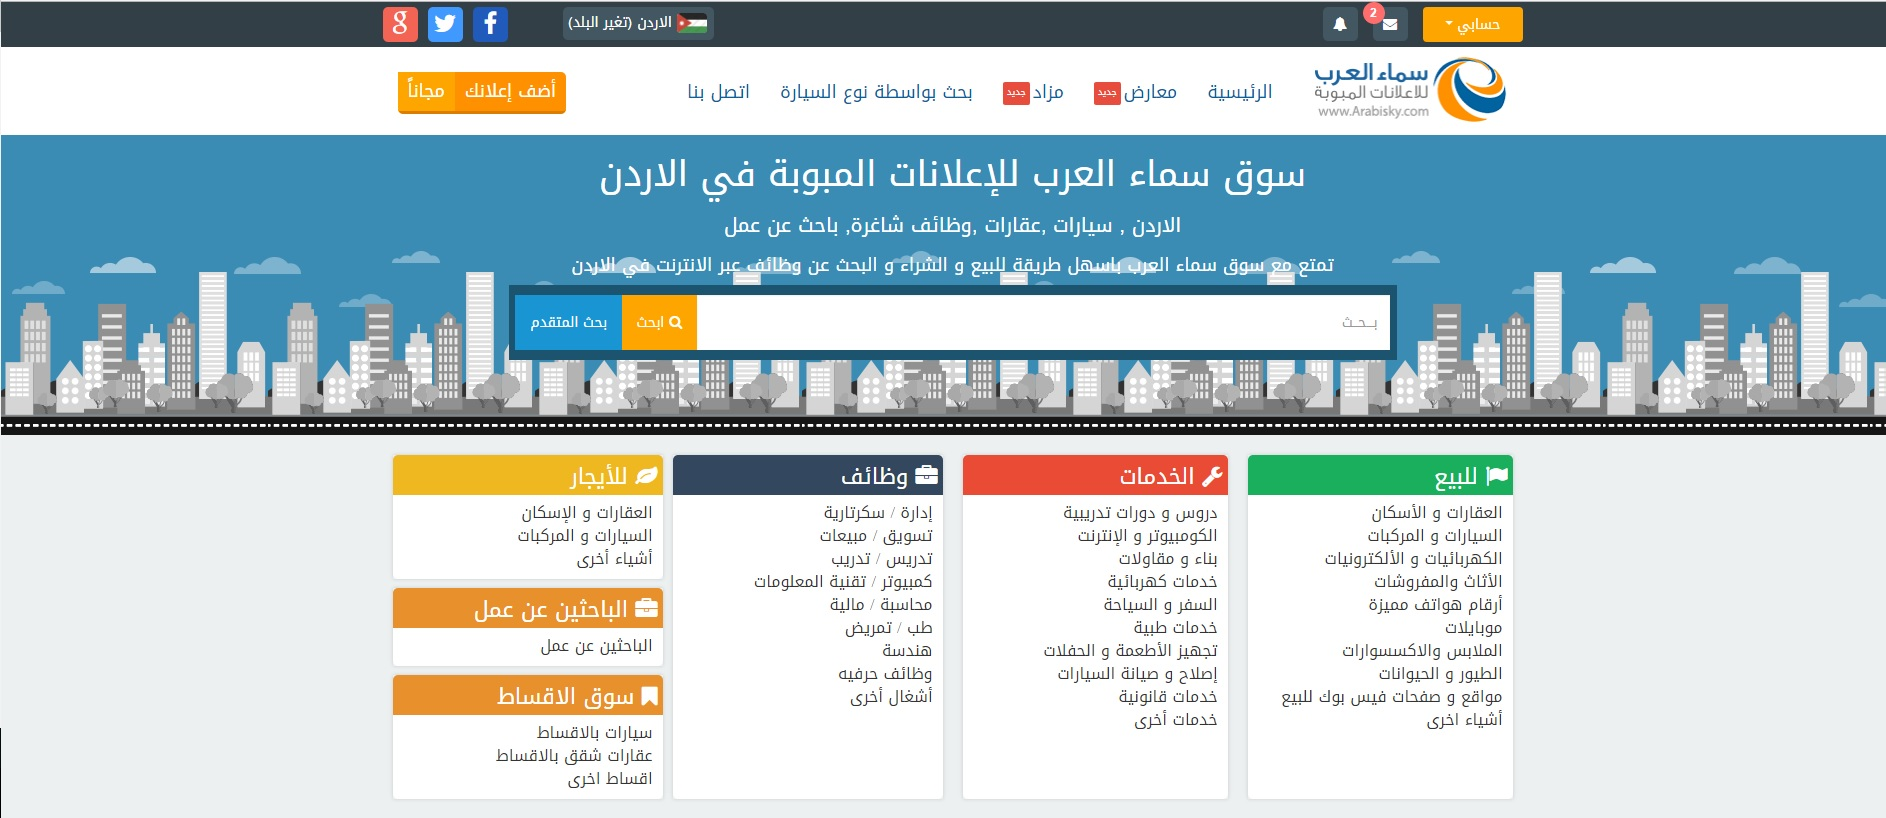 مرحبا يا صبايا اليوم رح ادلكم على موقع جديد